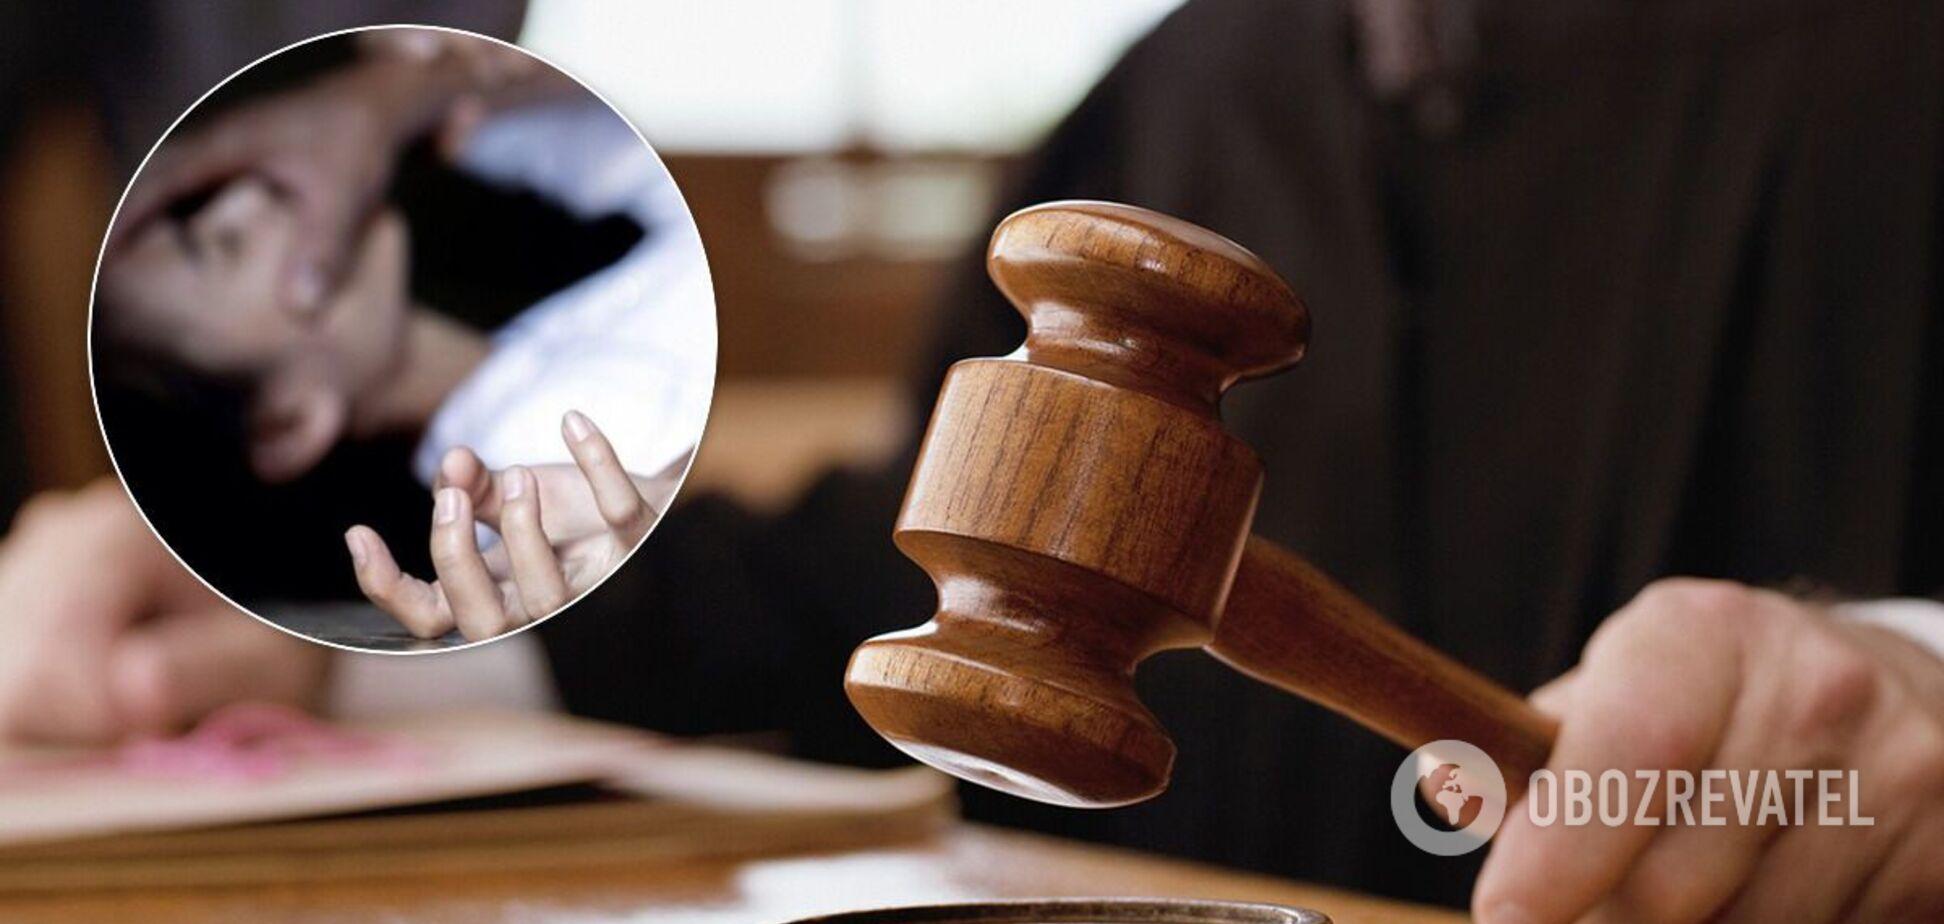 В Кривом Роге вынесли приговор маньяку, который насиловал и убивал женщин. Источник: Коллаж